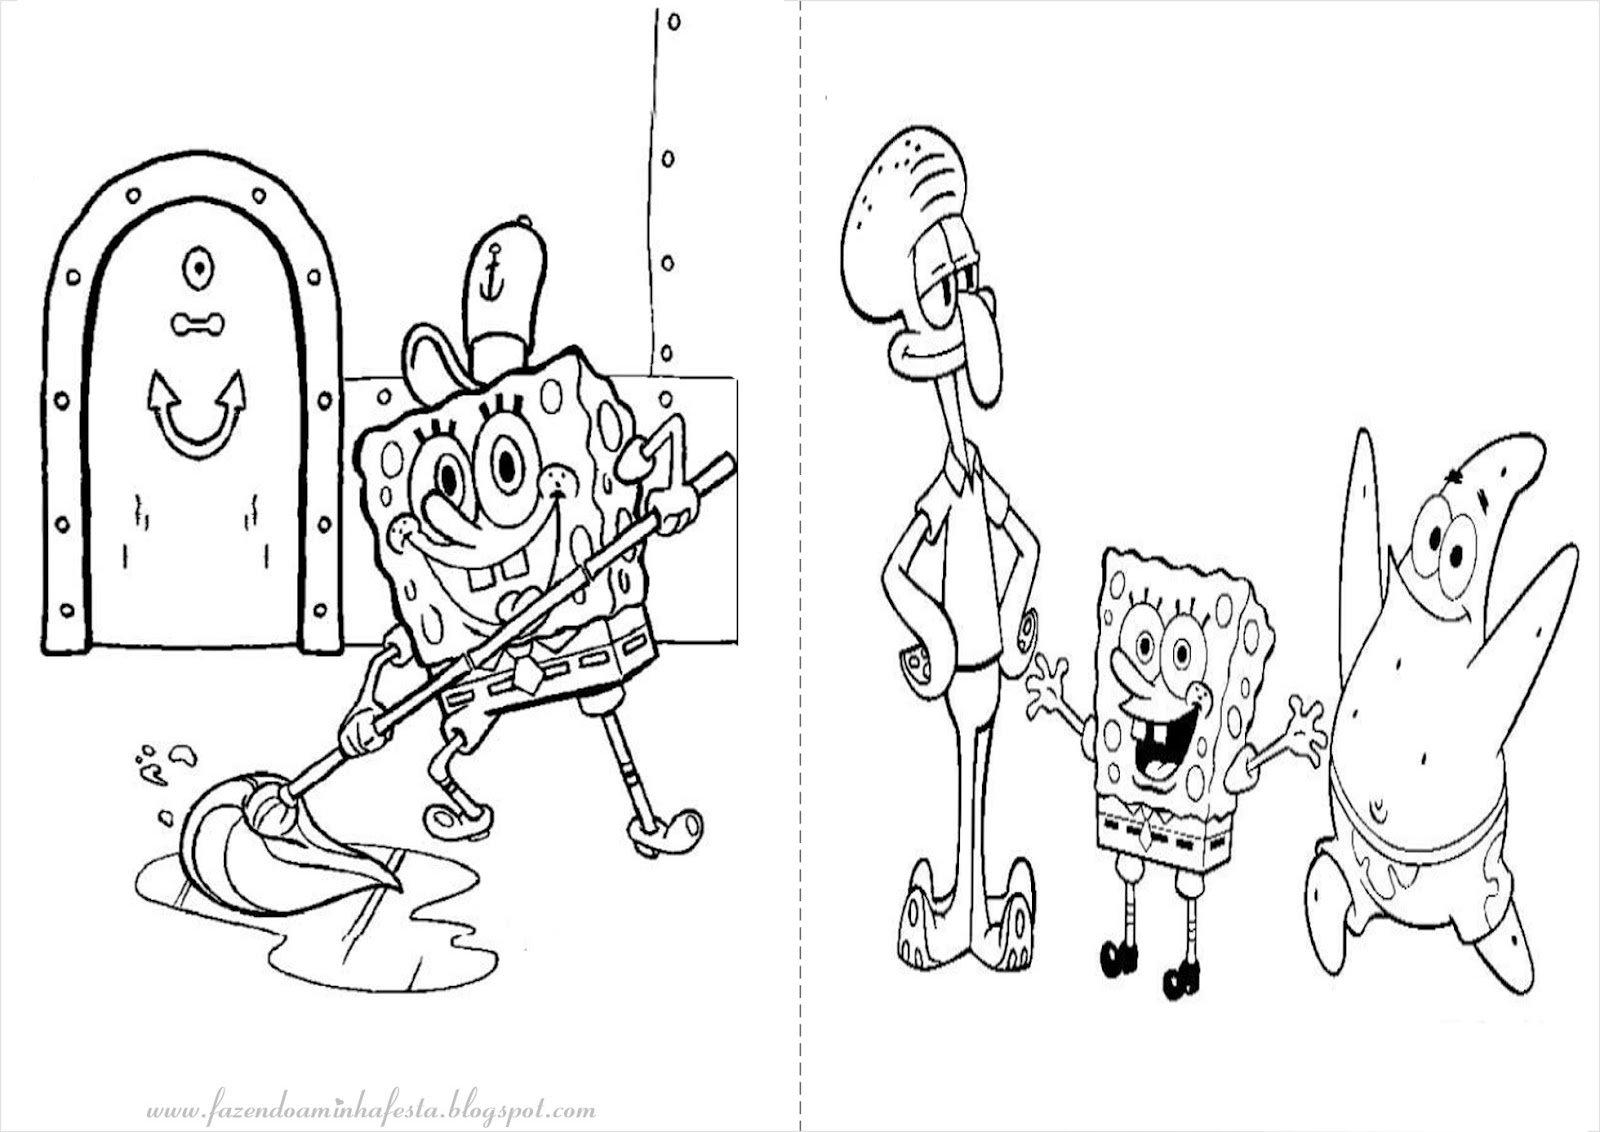 Imagens Spongebob